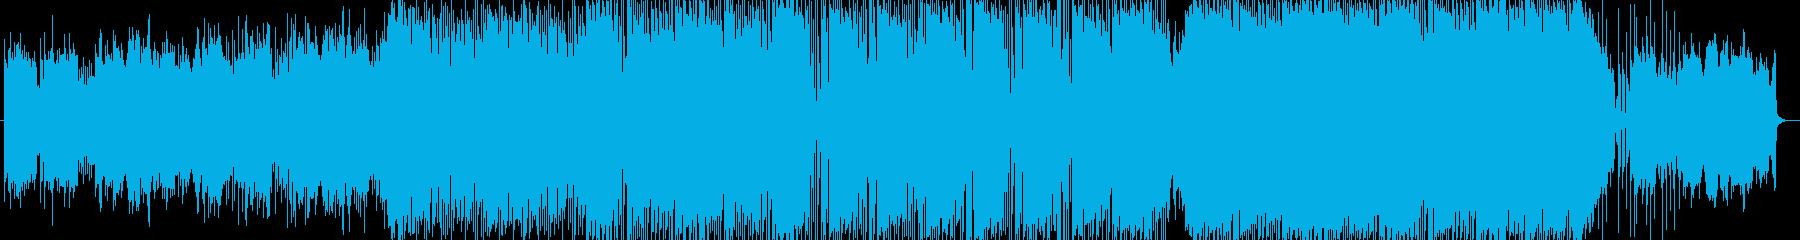 キラキラしていて暖かいフォークトロニカの再生済みの波形